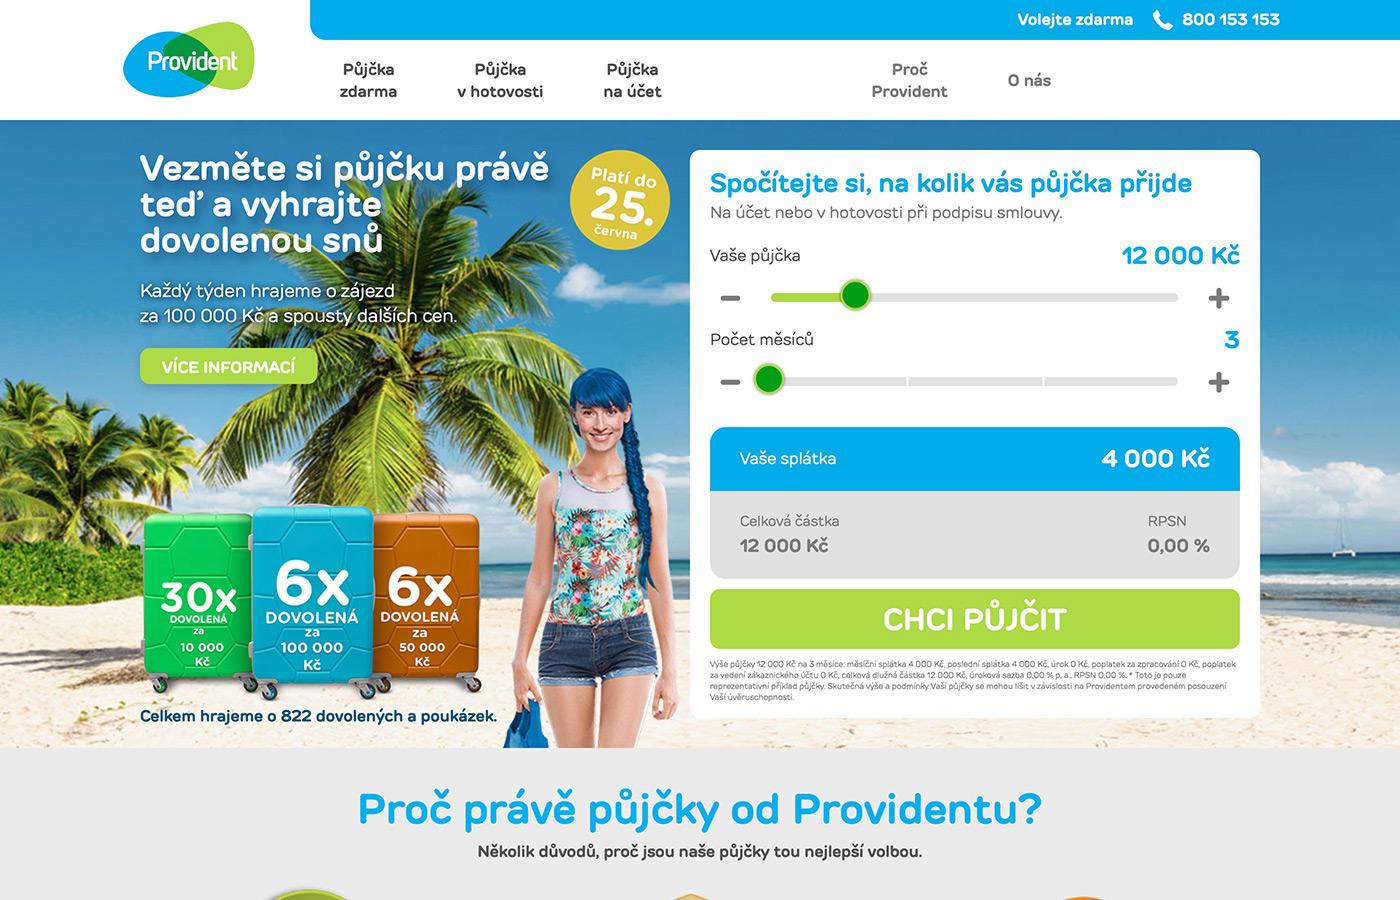 Webové stránky https://www.provident.cz/pujcky/pujcka-zdarma